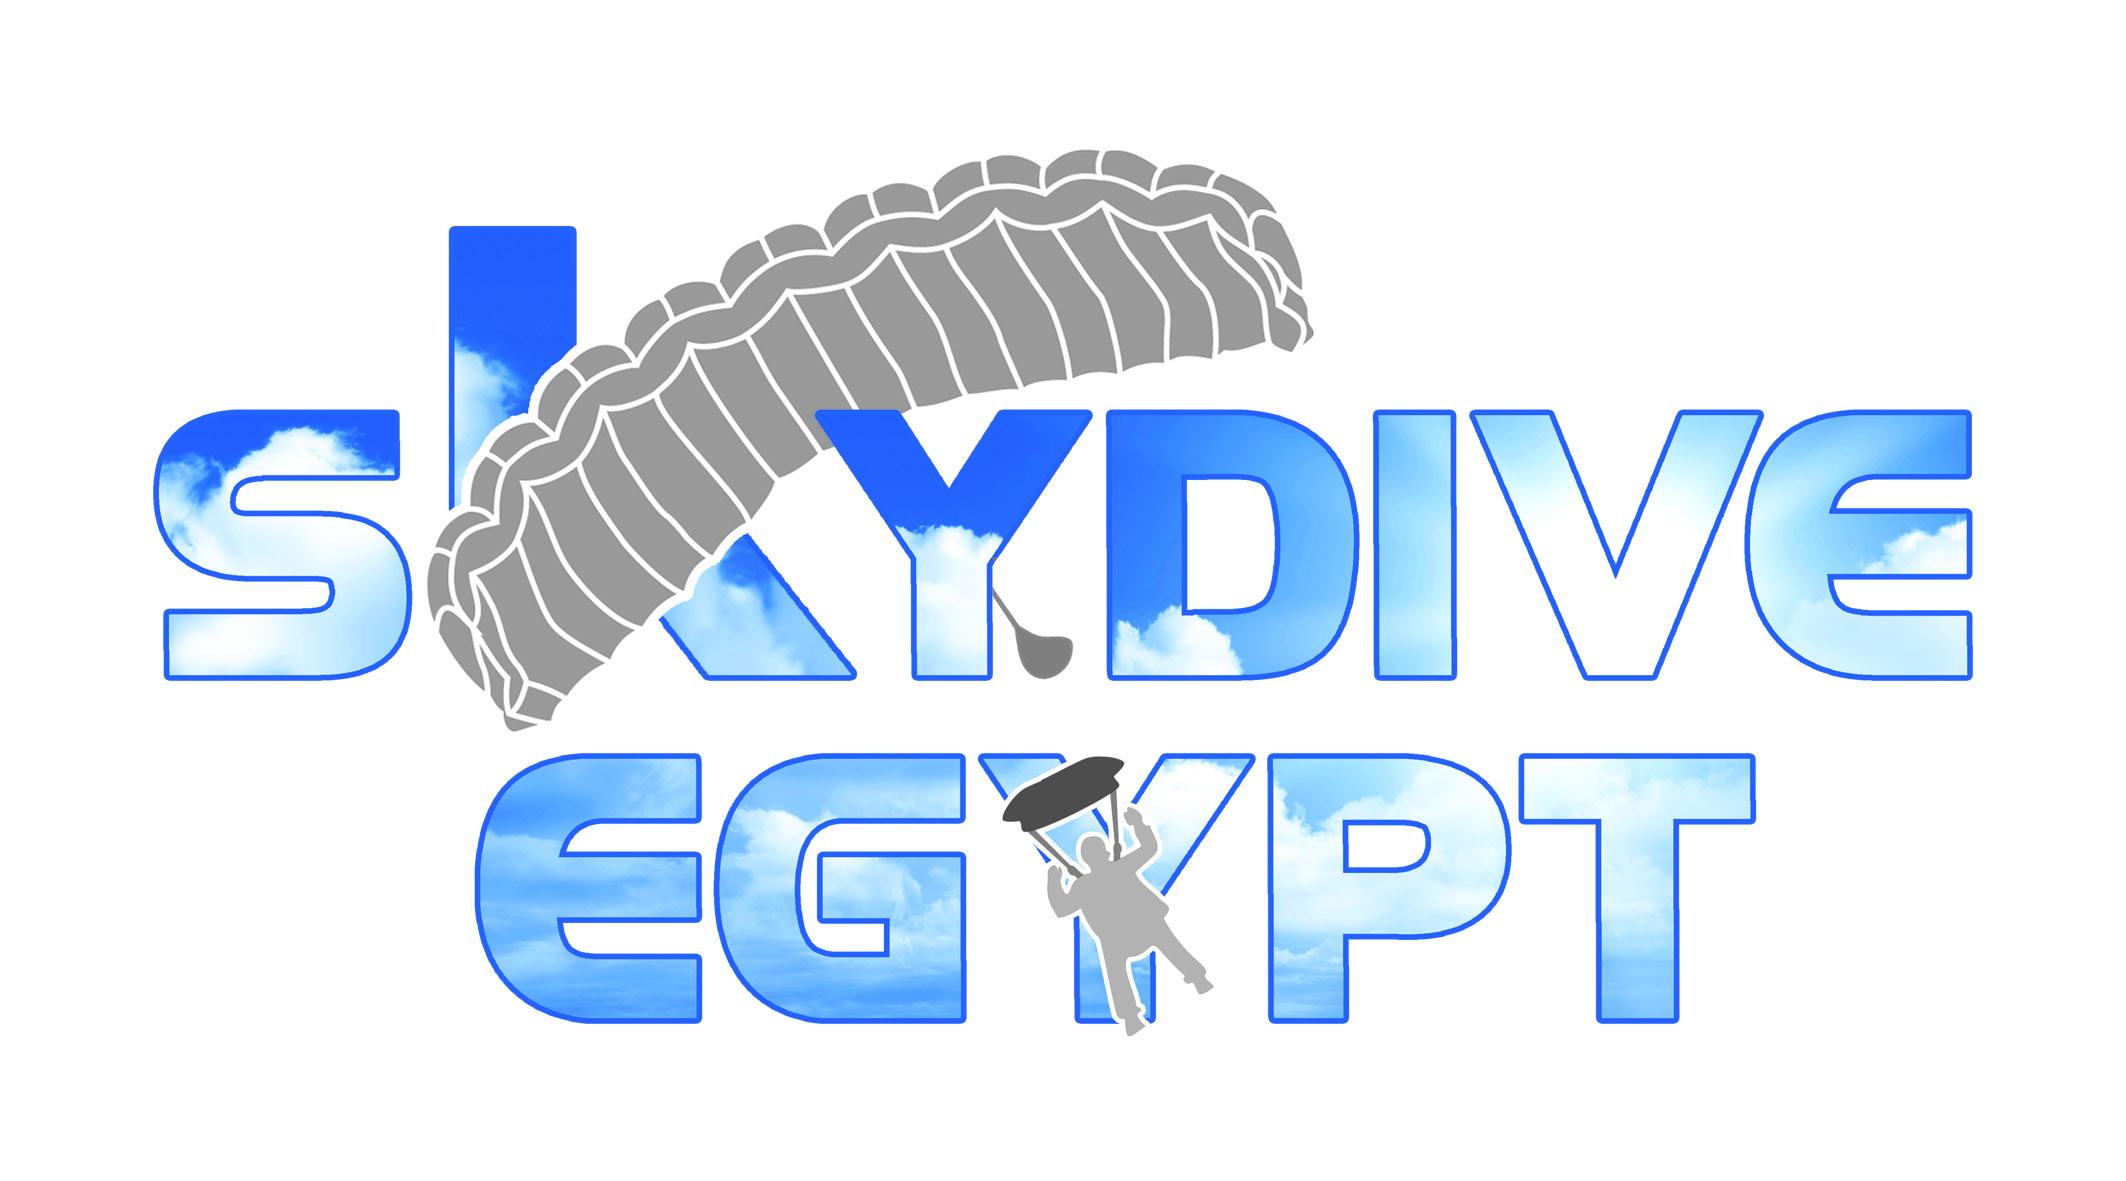 https://secureservercdn.net/198.71.233.44/516.356.myftpupload.com/wp-content/uploads/2019/12/Skydive-Egypt-Logo.jpg?time=1634907702